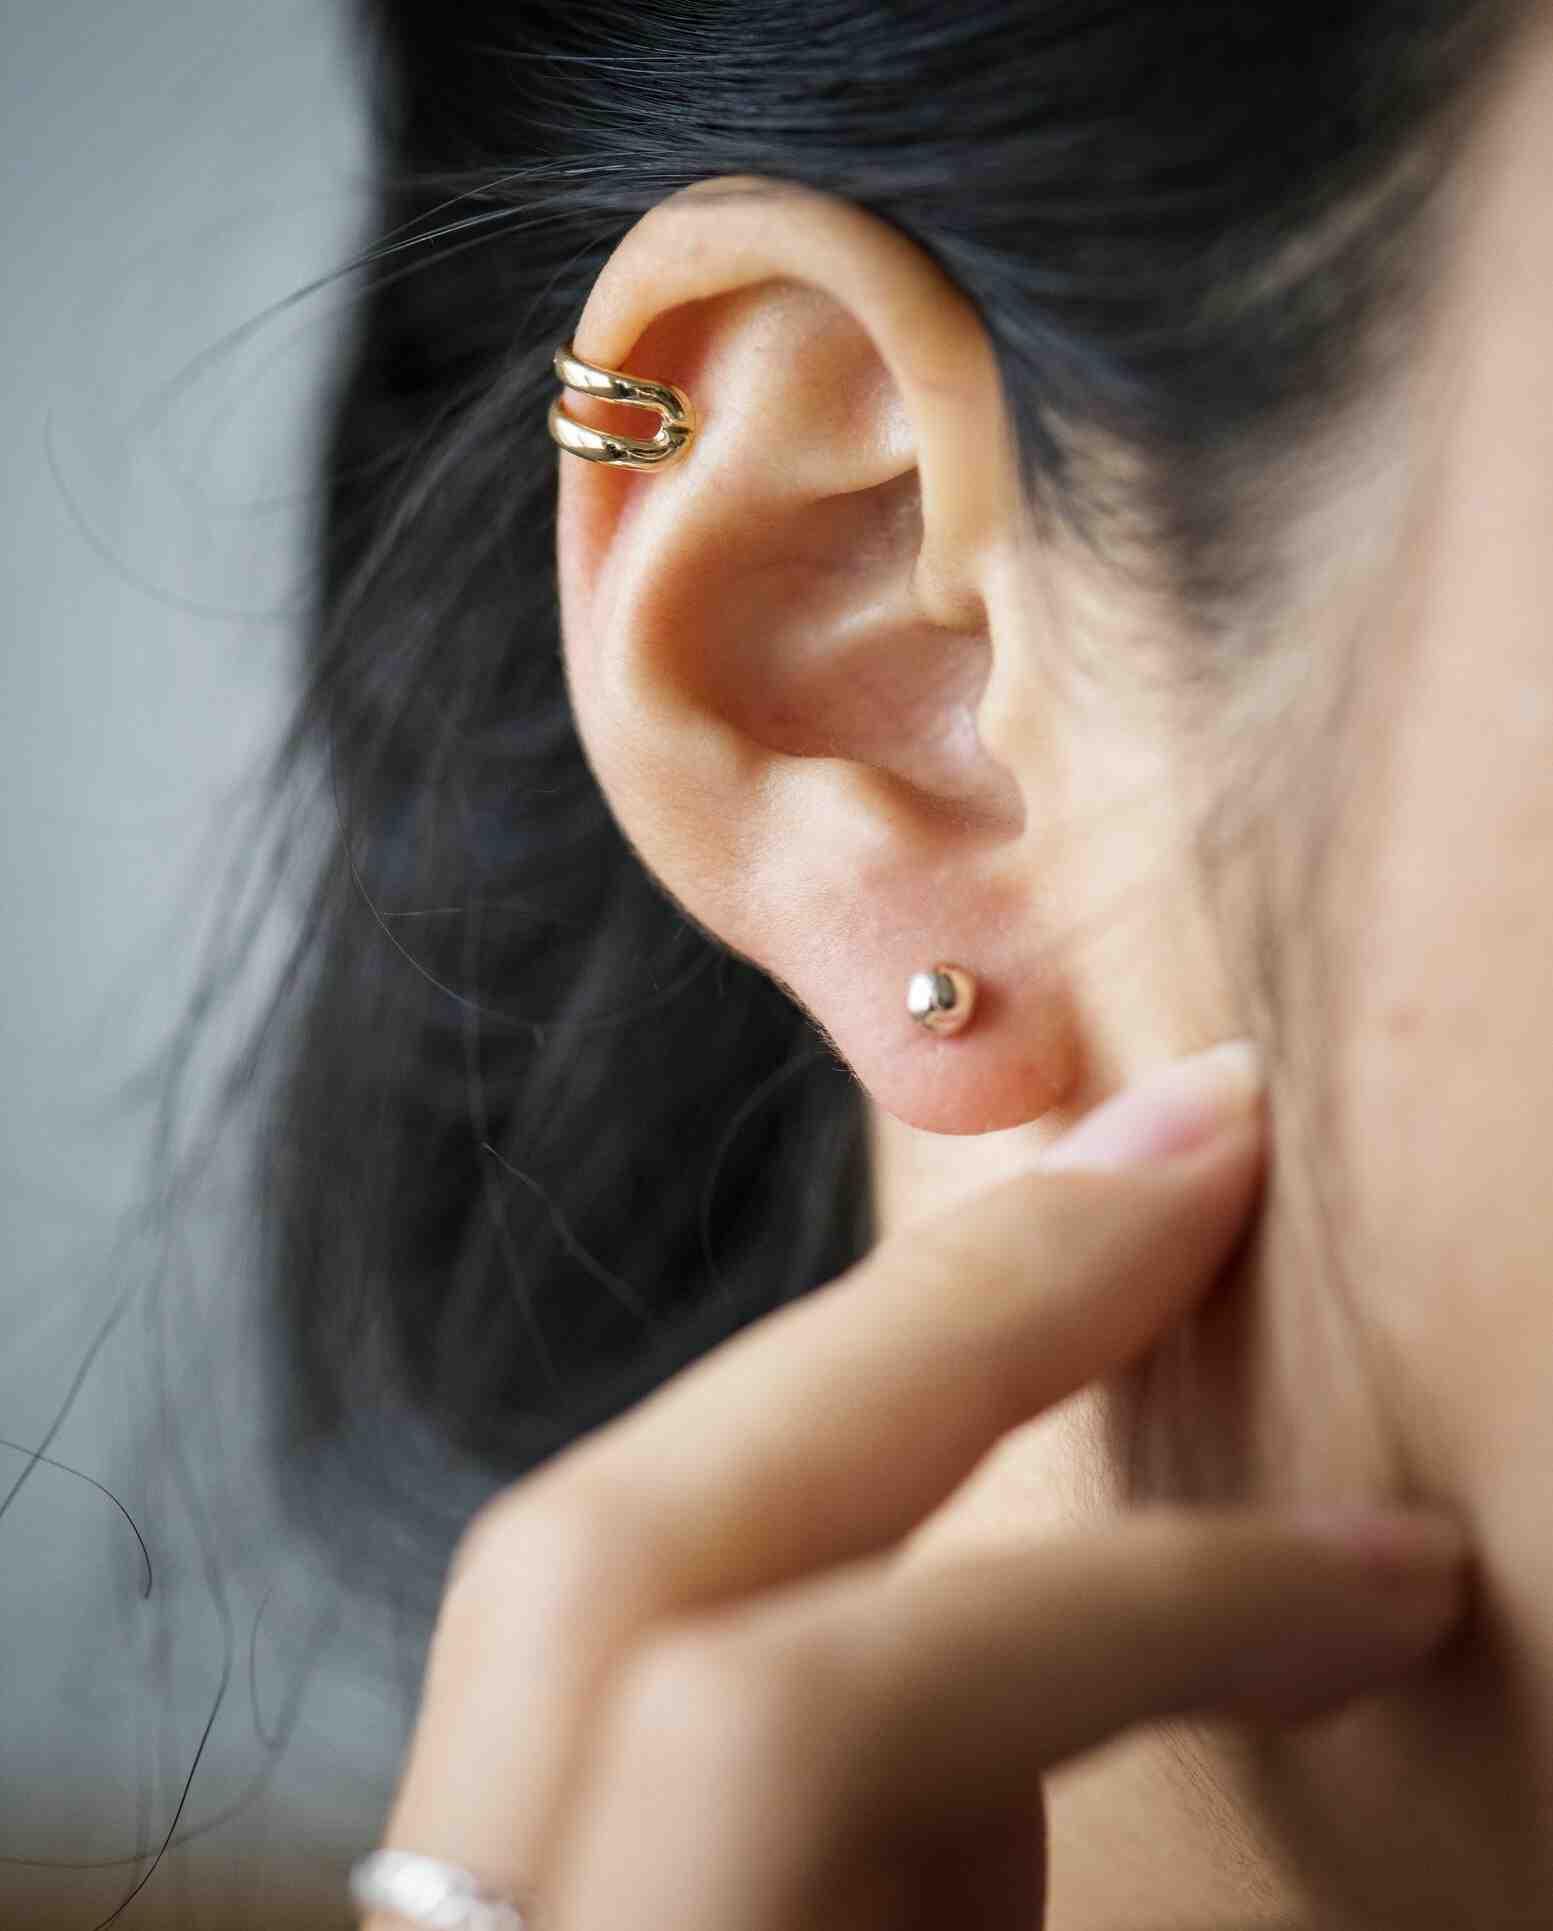 Comment faire cicatriser une oreille ?